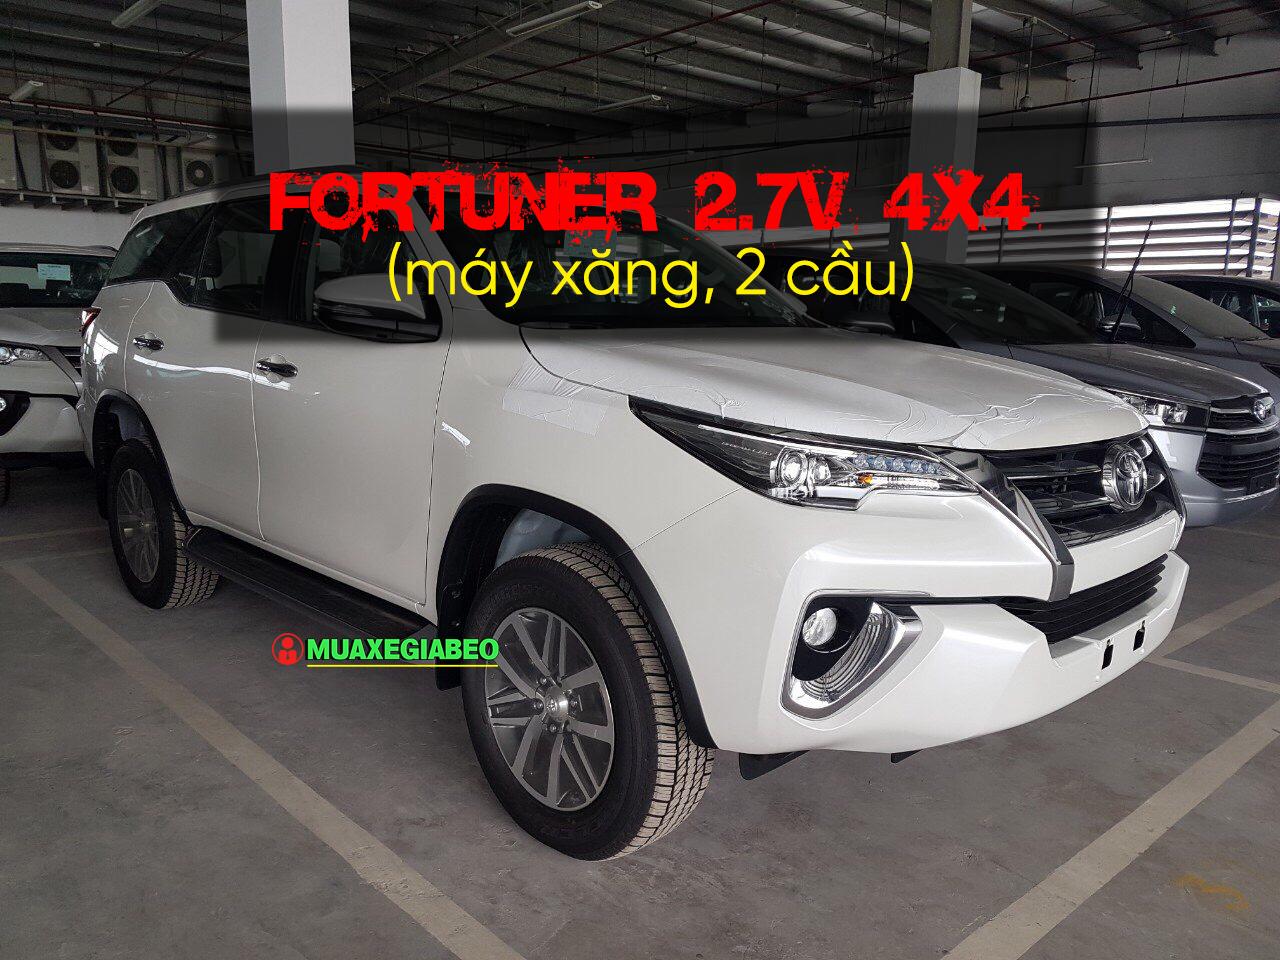 Fortuner 2.7 v 4x4 anh 4